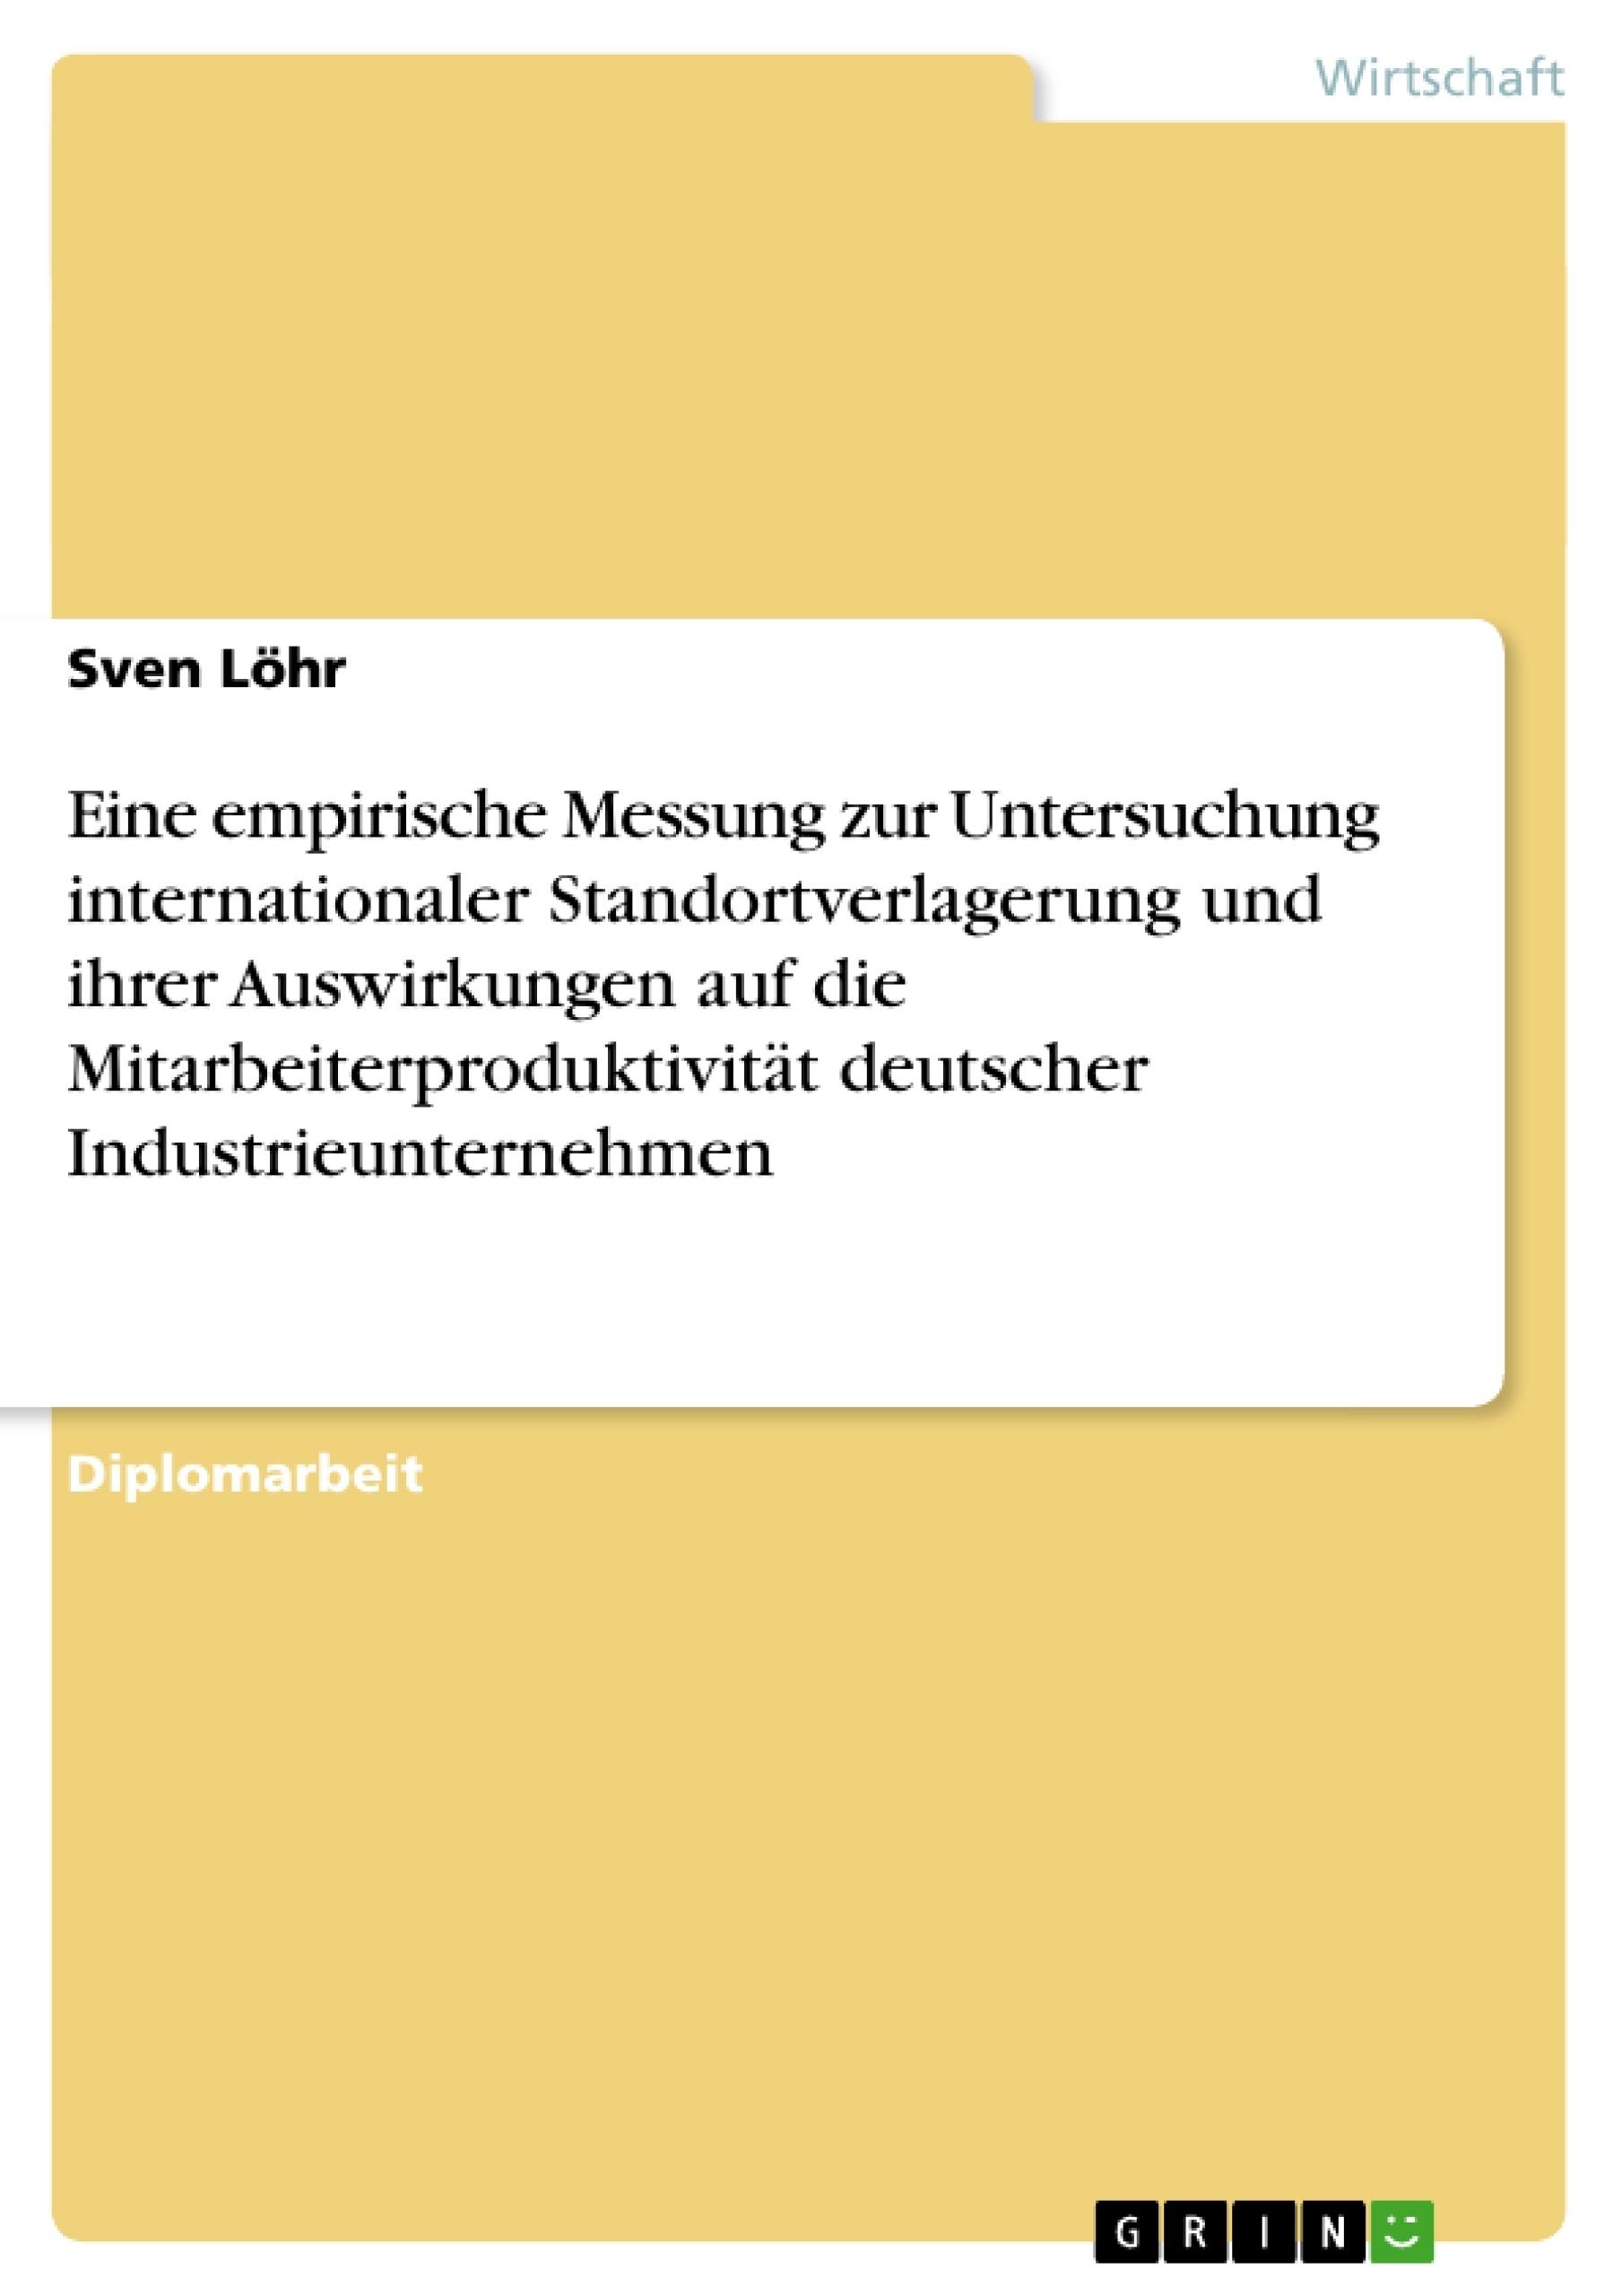 Titel: Eine empirische Messung zur Untersuchung internationaler Standortverlagerung und ihrer Auswirkungen auf die Mitarbeiterproduktivität deutscher Industrieunternehmen